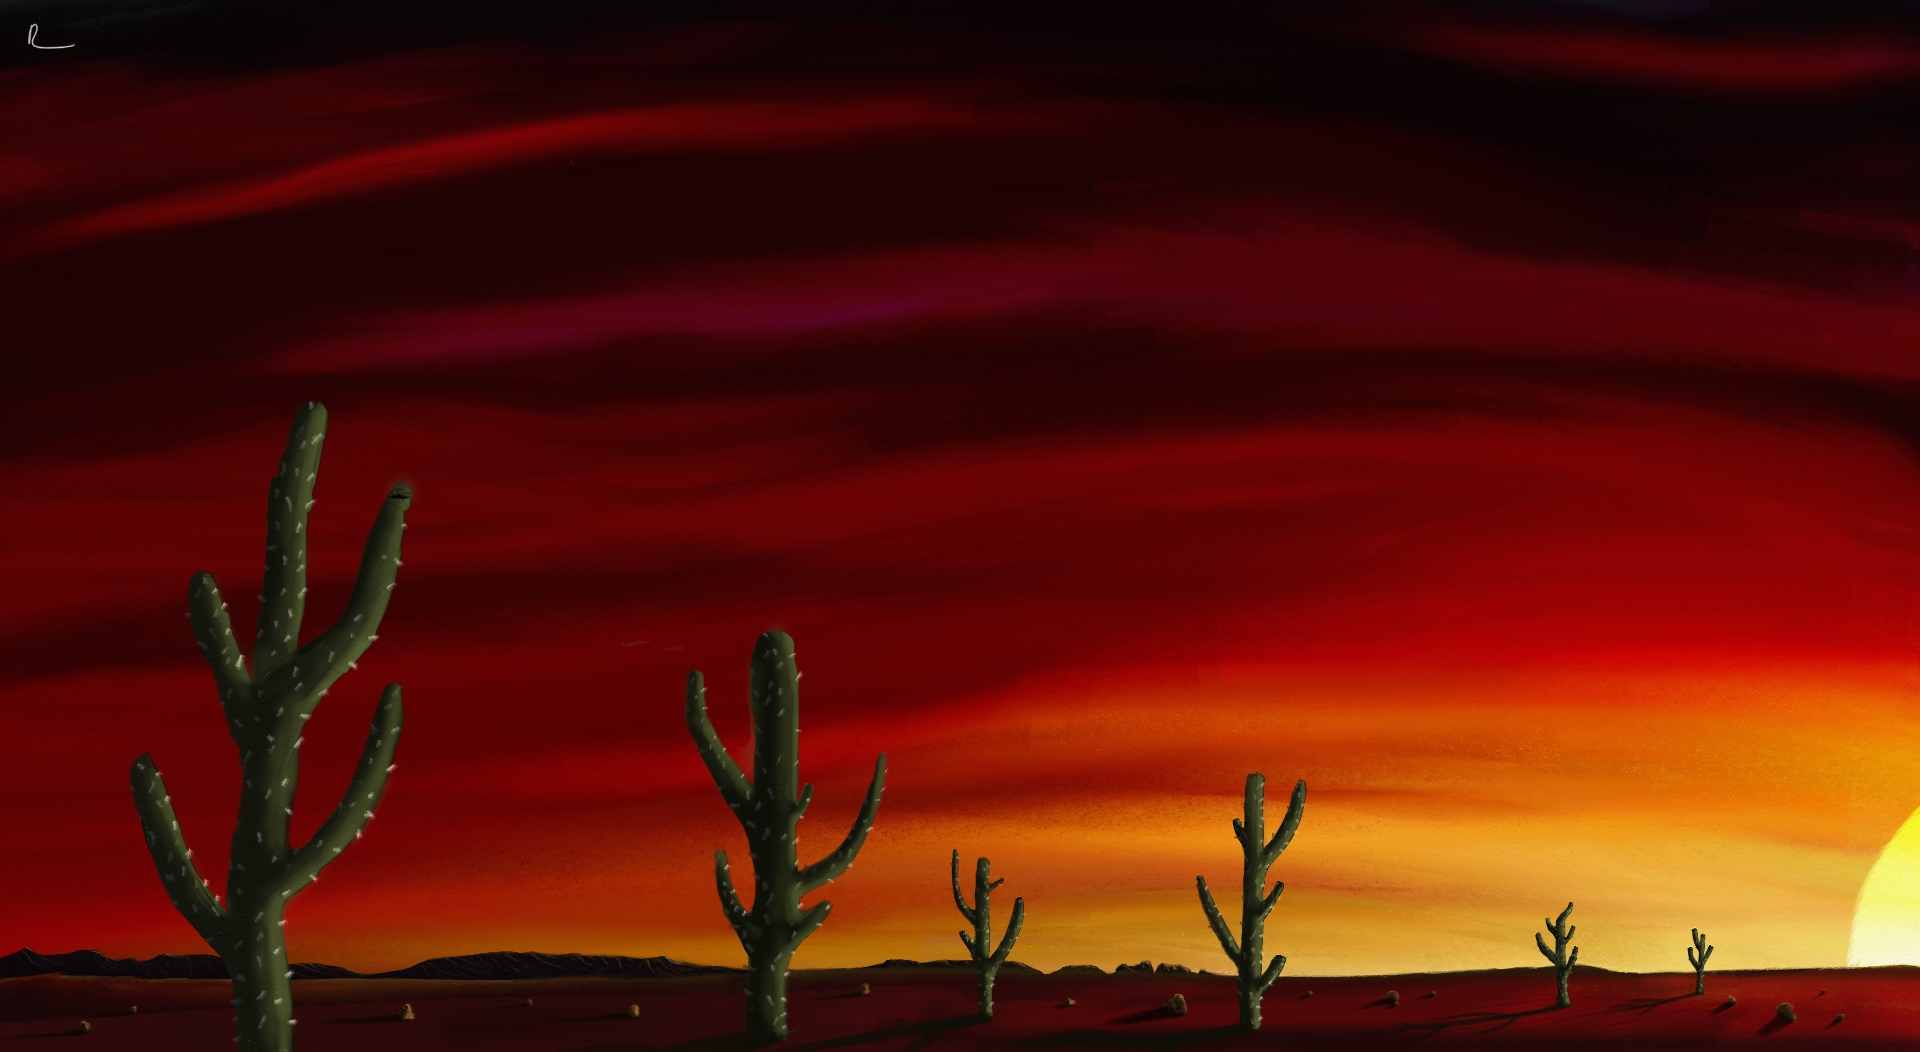 Desert Sunset by Retorman on DeviantArt.